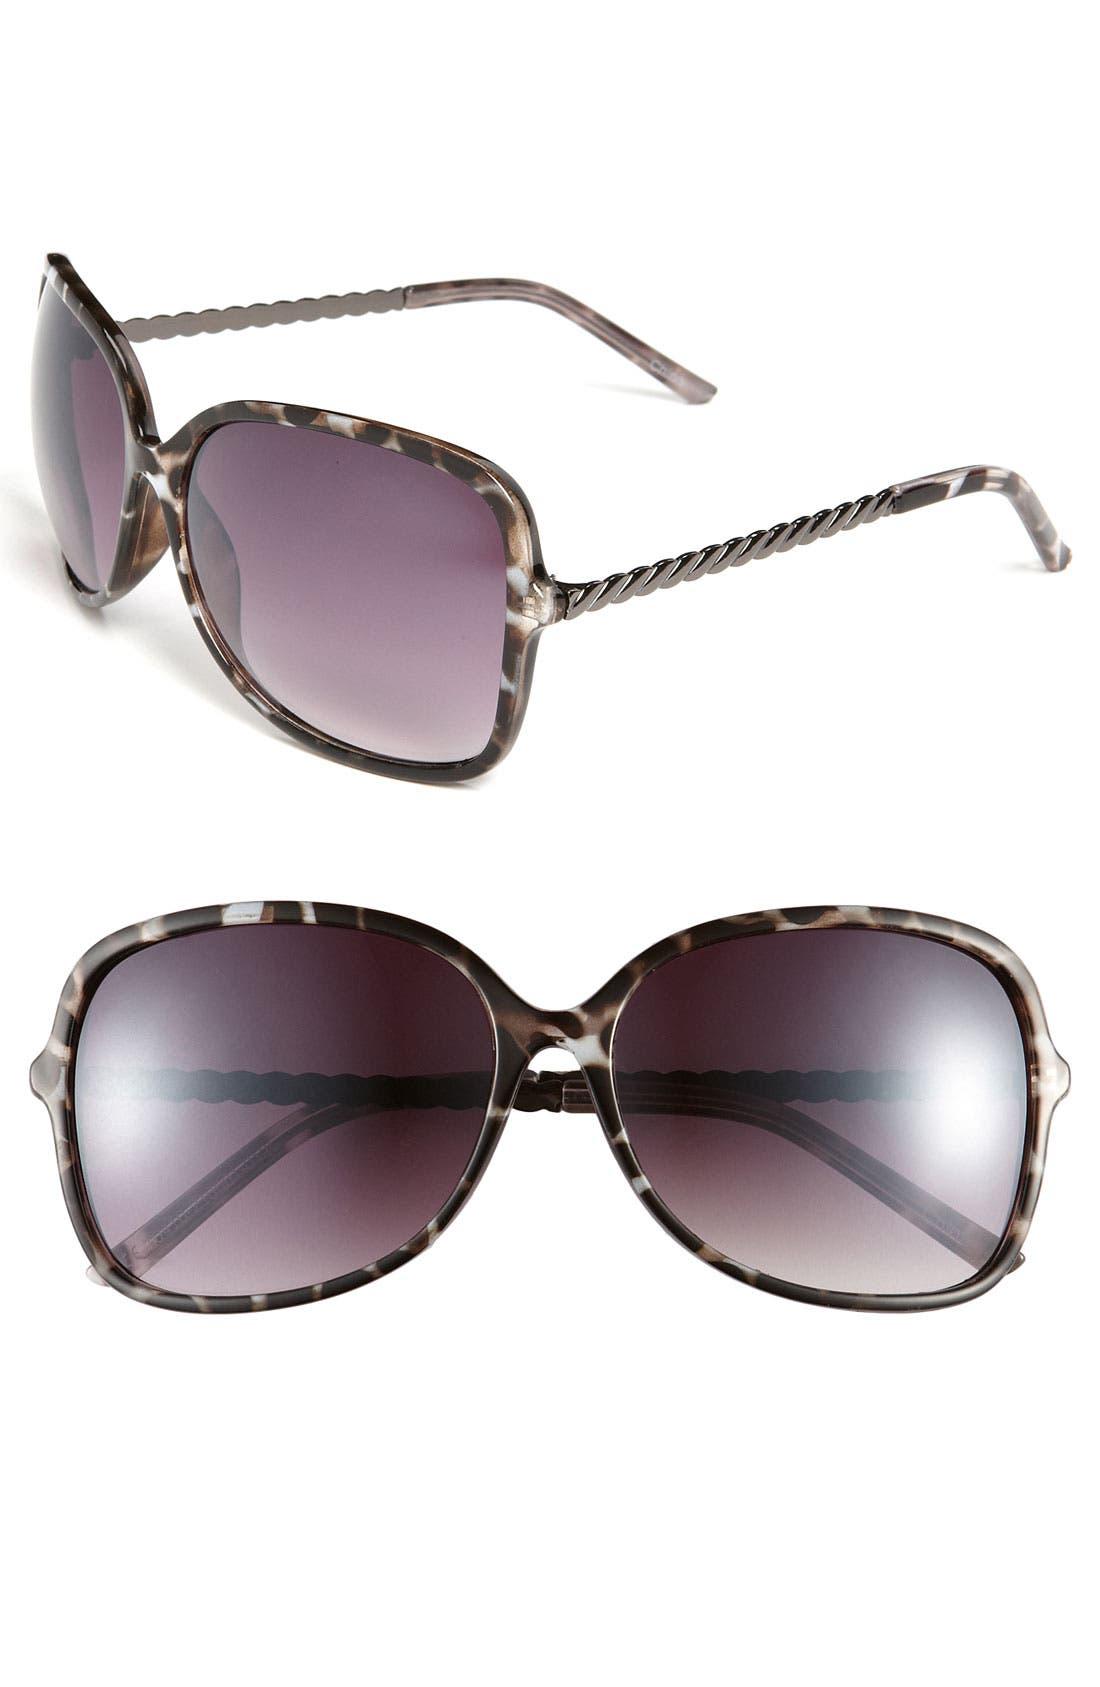 Main Image - Icon Eyewear 'Kelli' Oversized Sunglasses